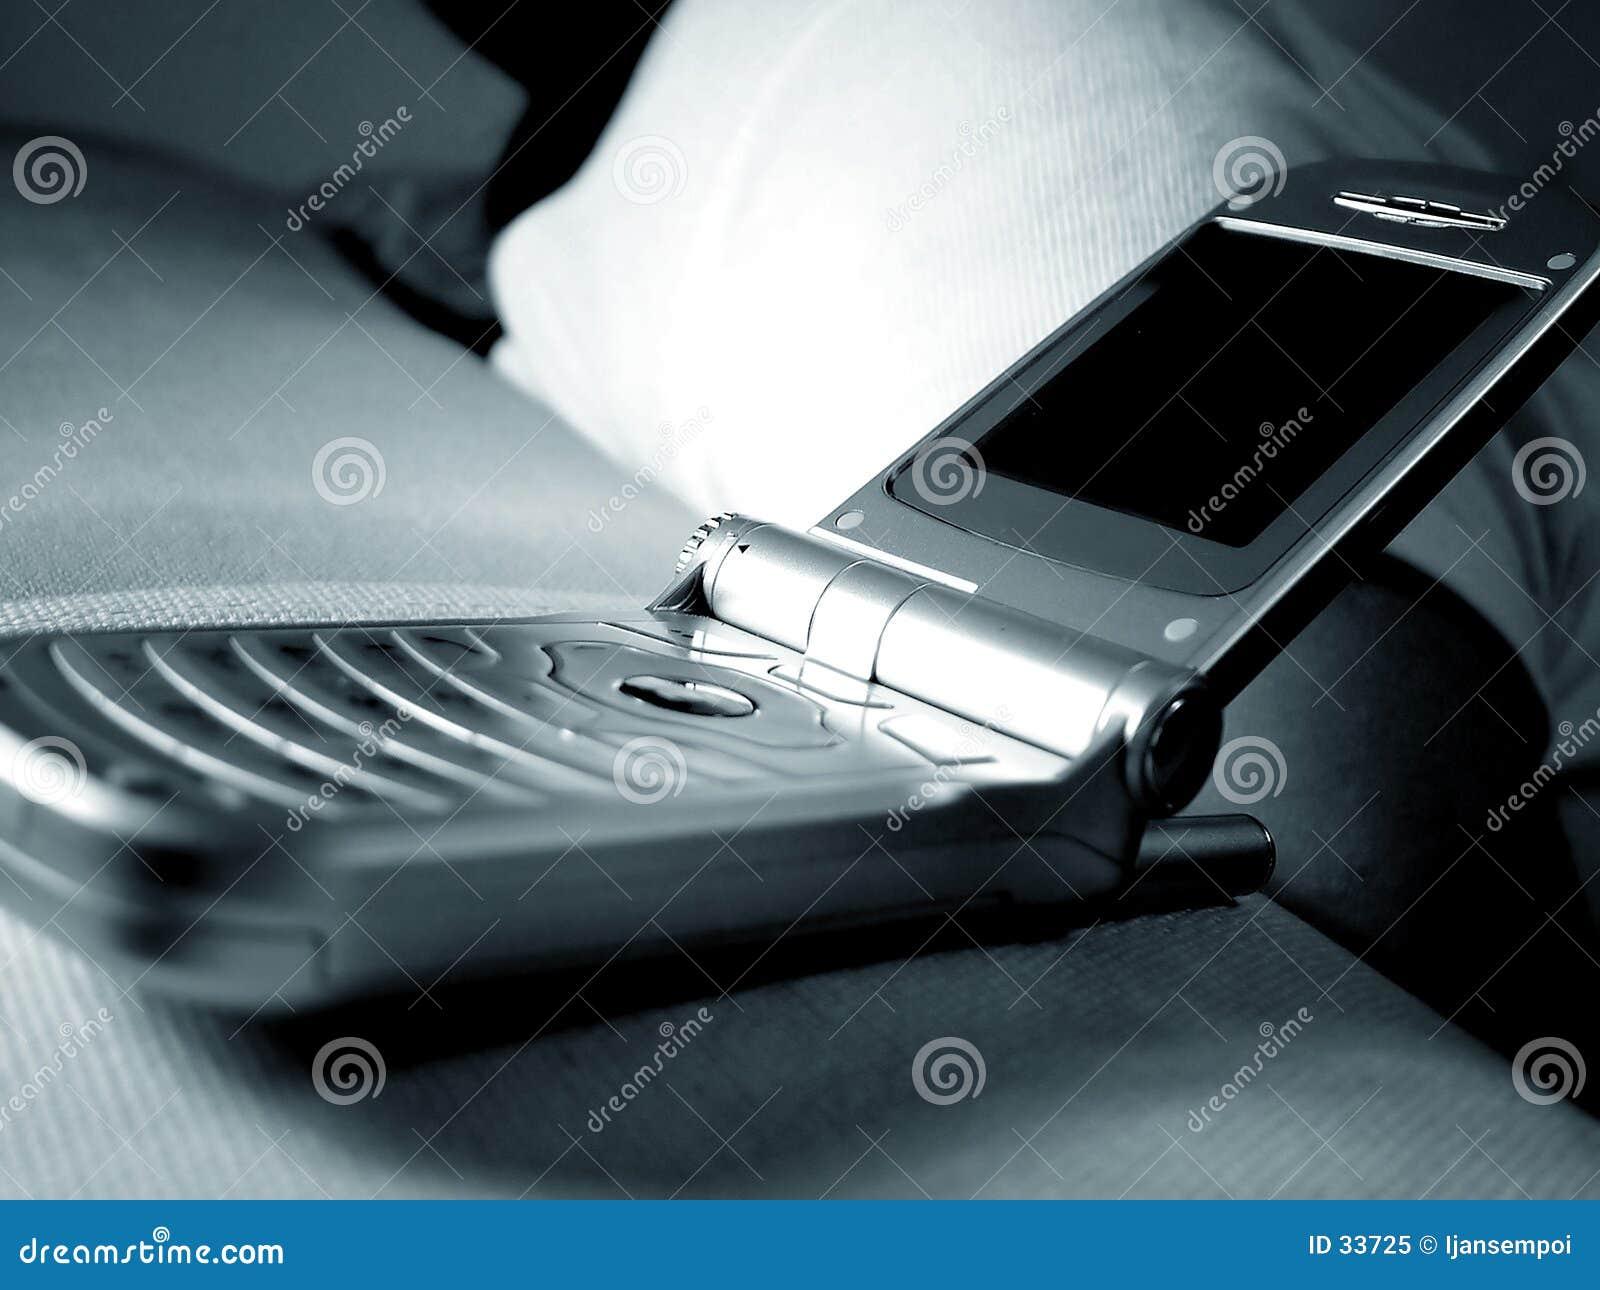 Download Handphone del tirón imagen de archivo. Imagen de teléfono - 33725